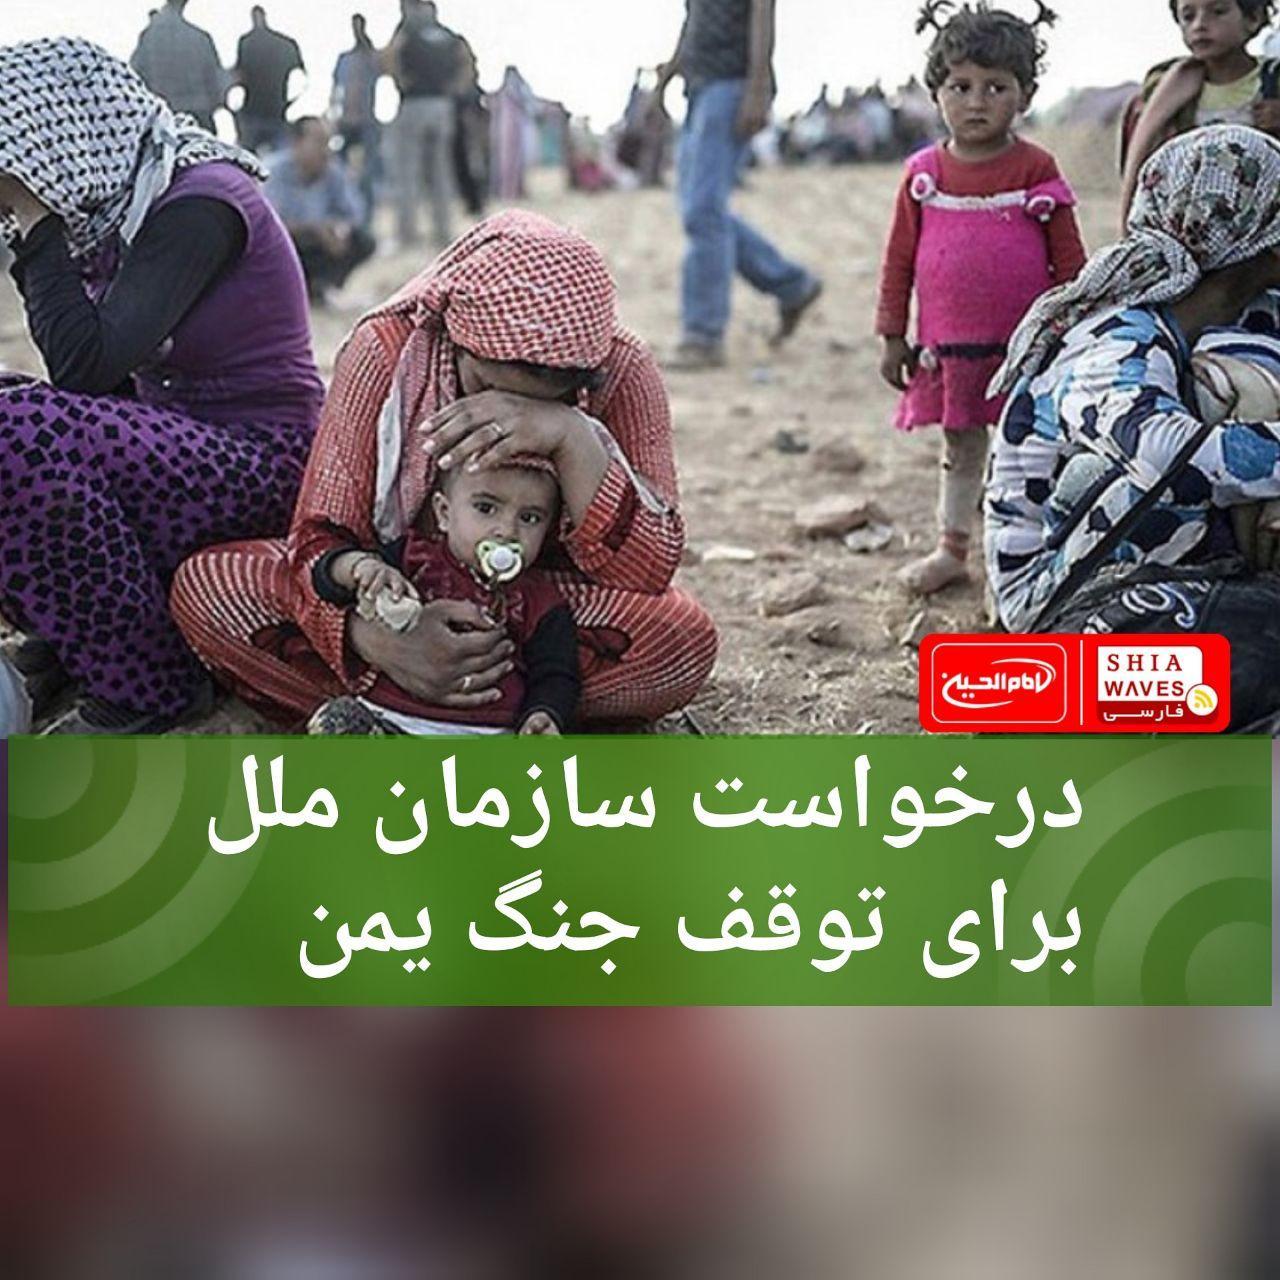 تصویر درخواست سازمان ملل برای توقف جنگ یمن